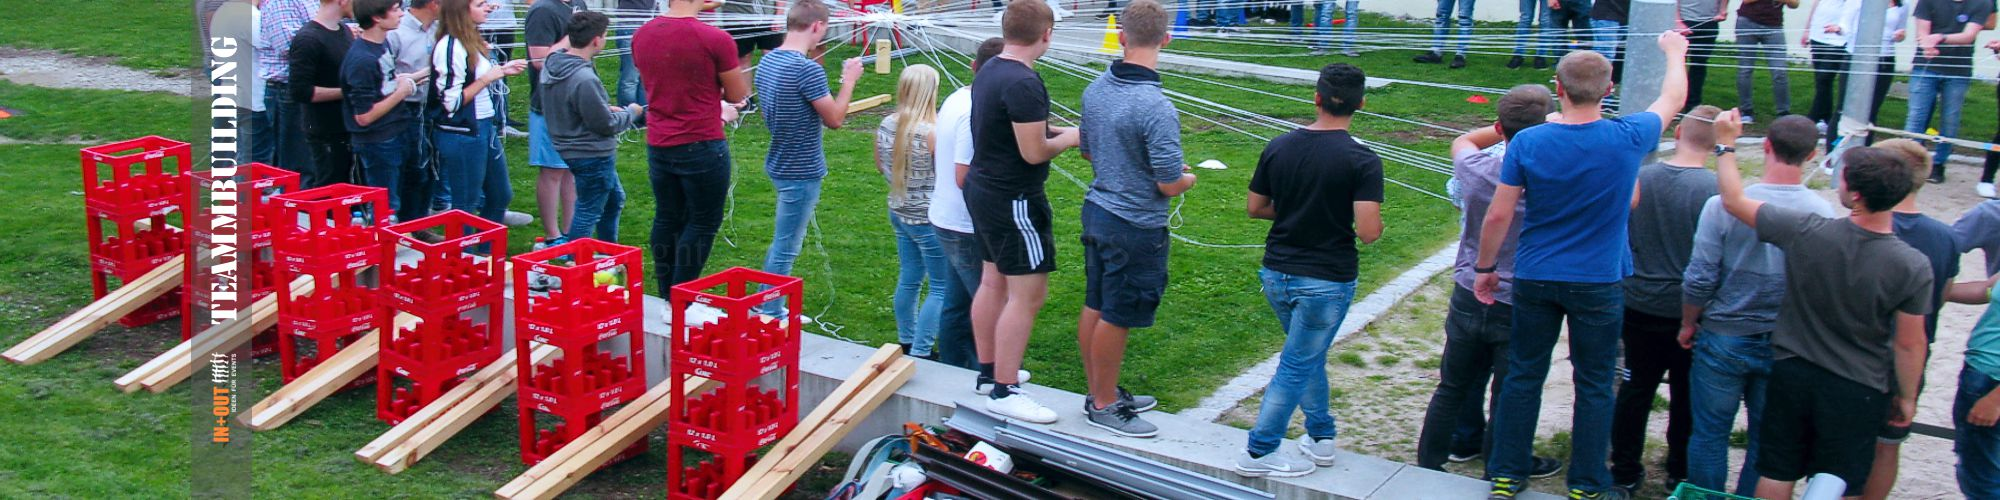 Ideen für Team Events - Azubi Camp - Team Event München